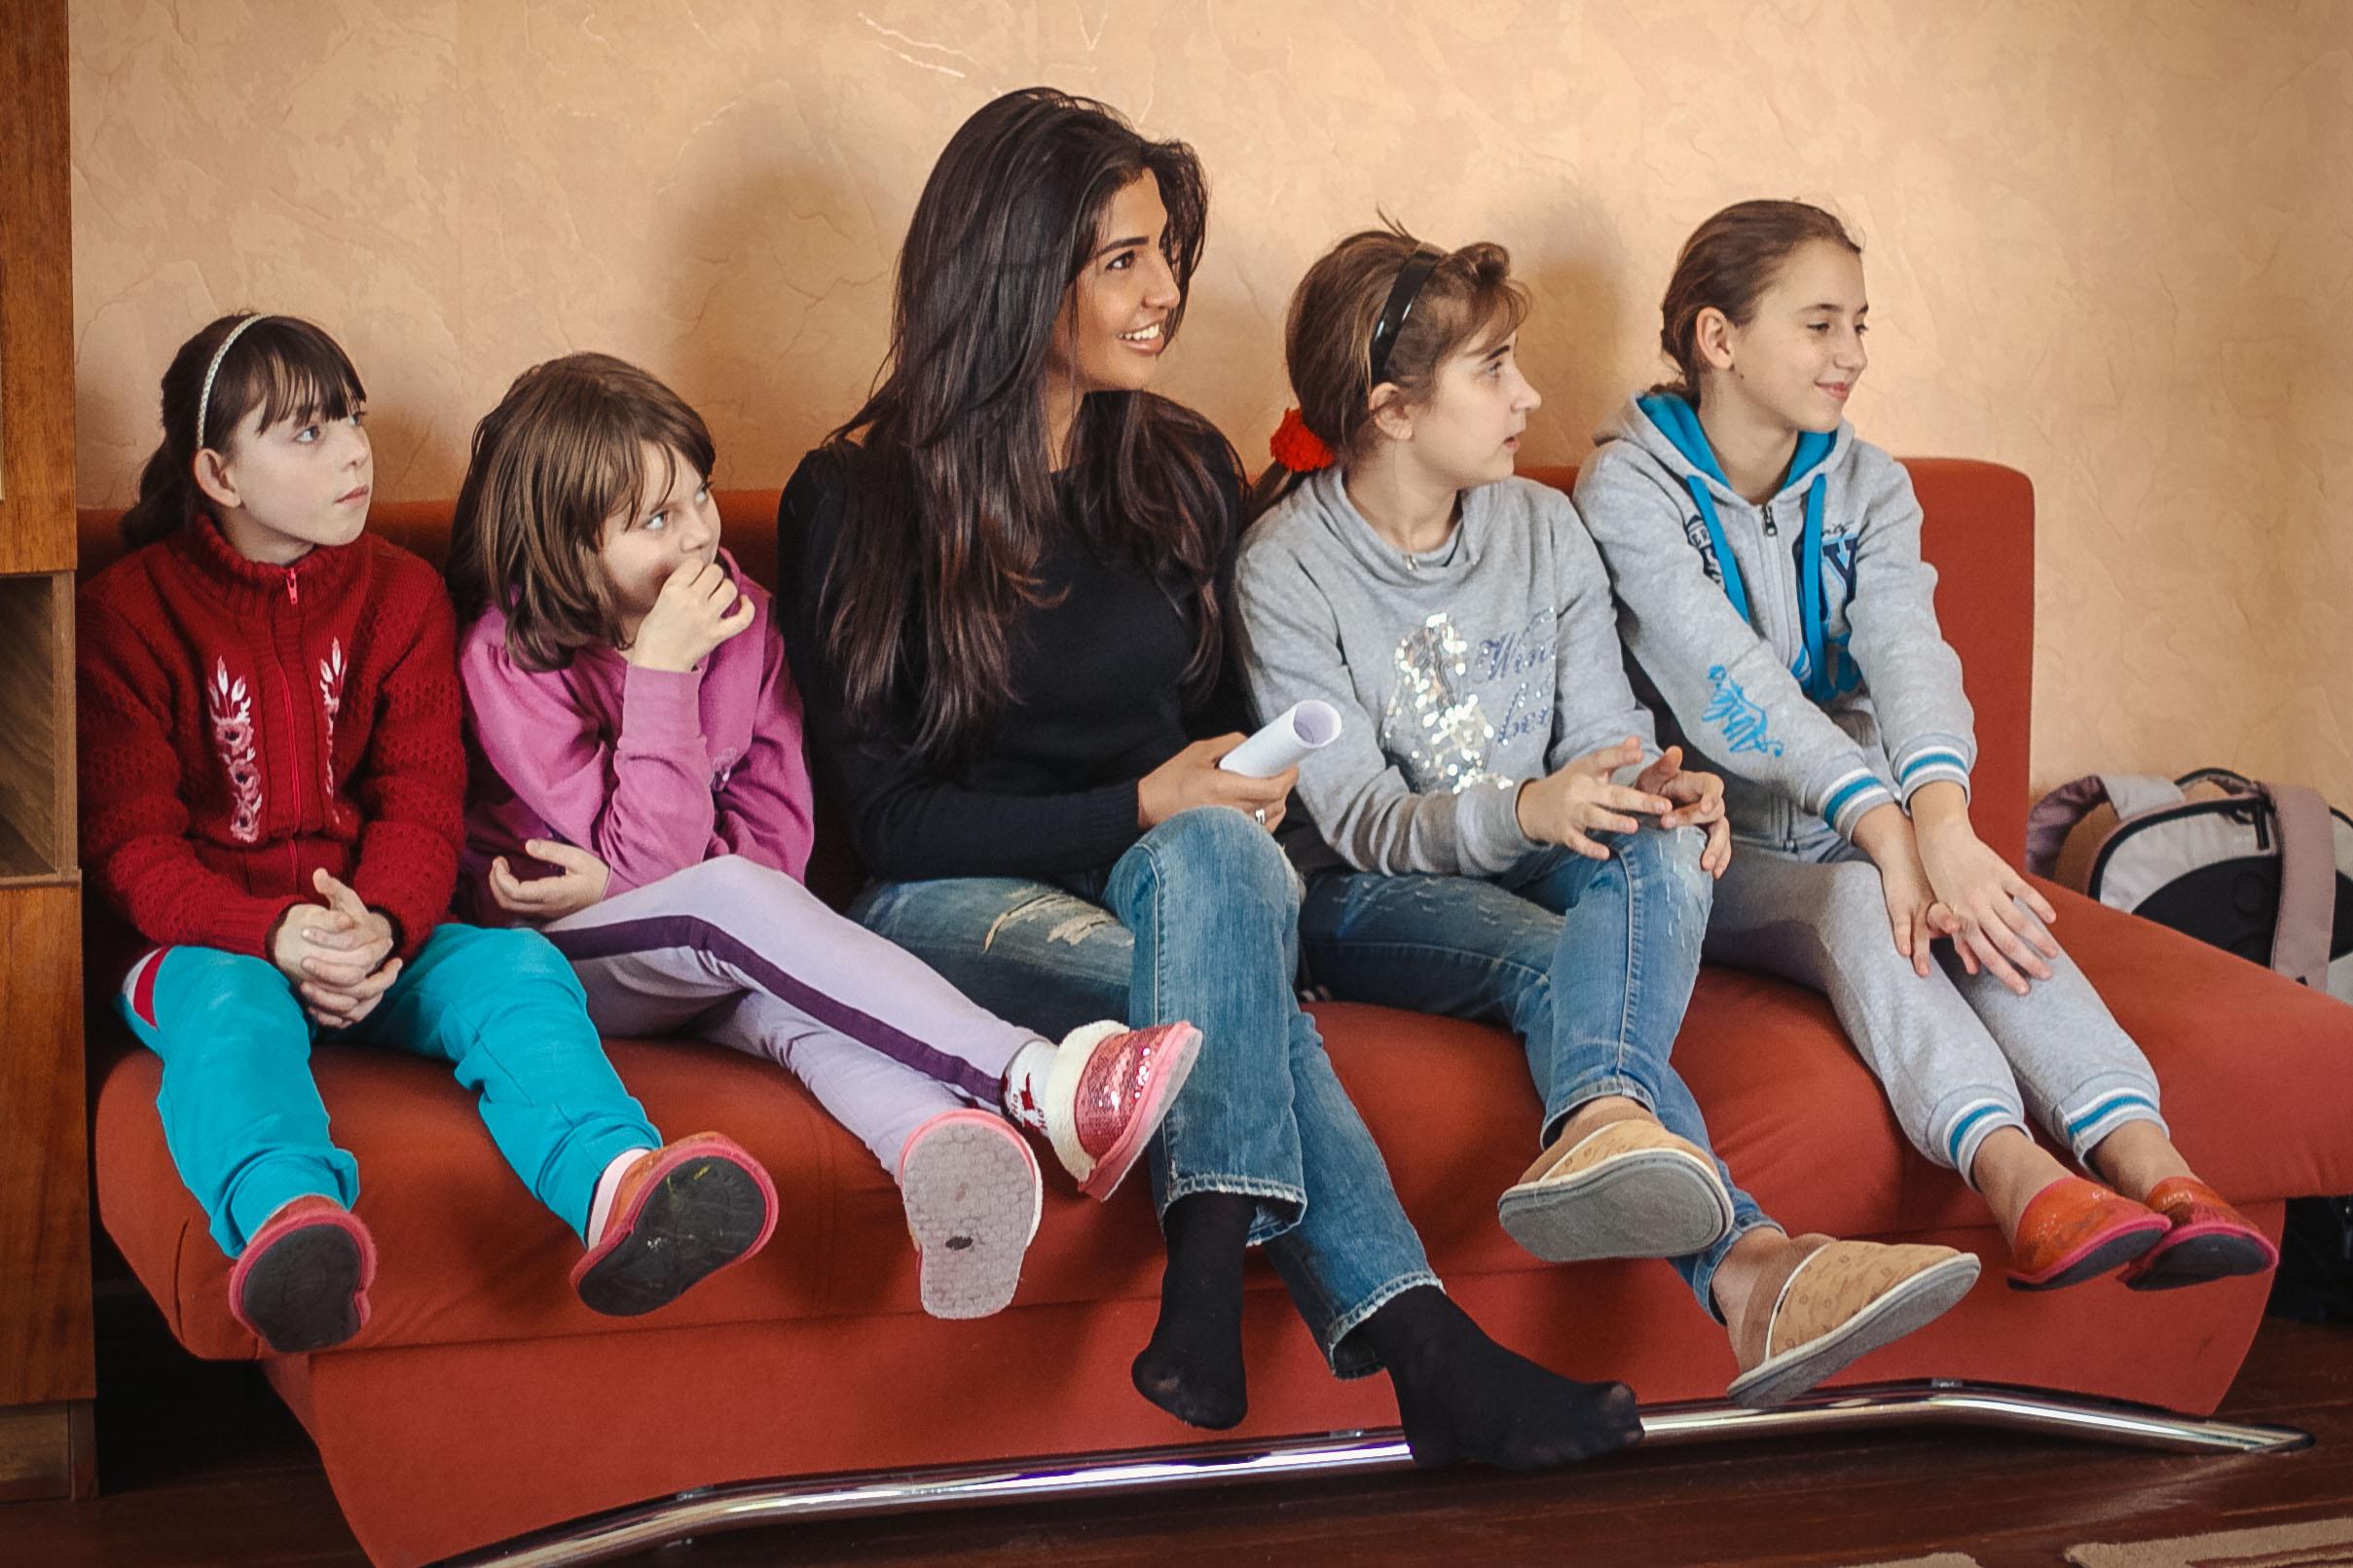 В Україні створили гру для популяризації серед дітей здорового способу життя - фото 2